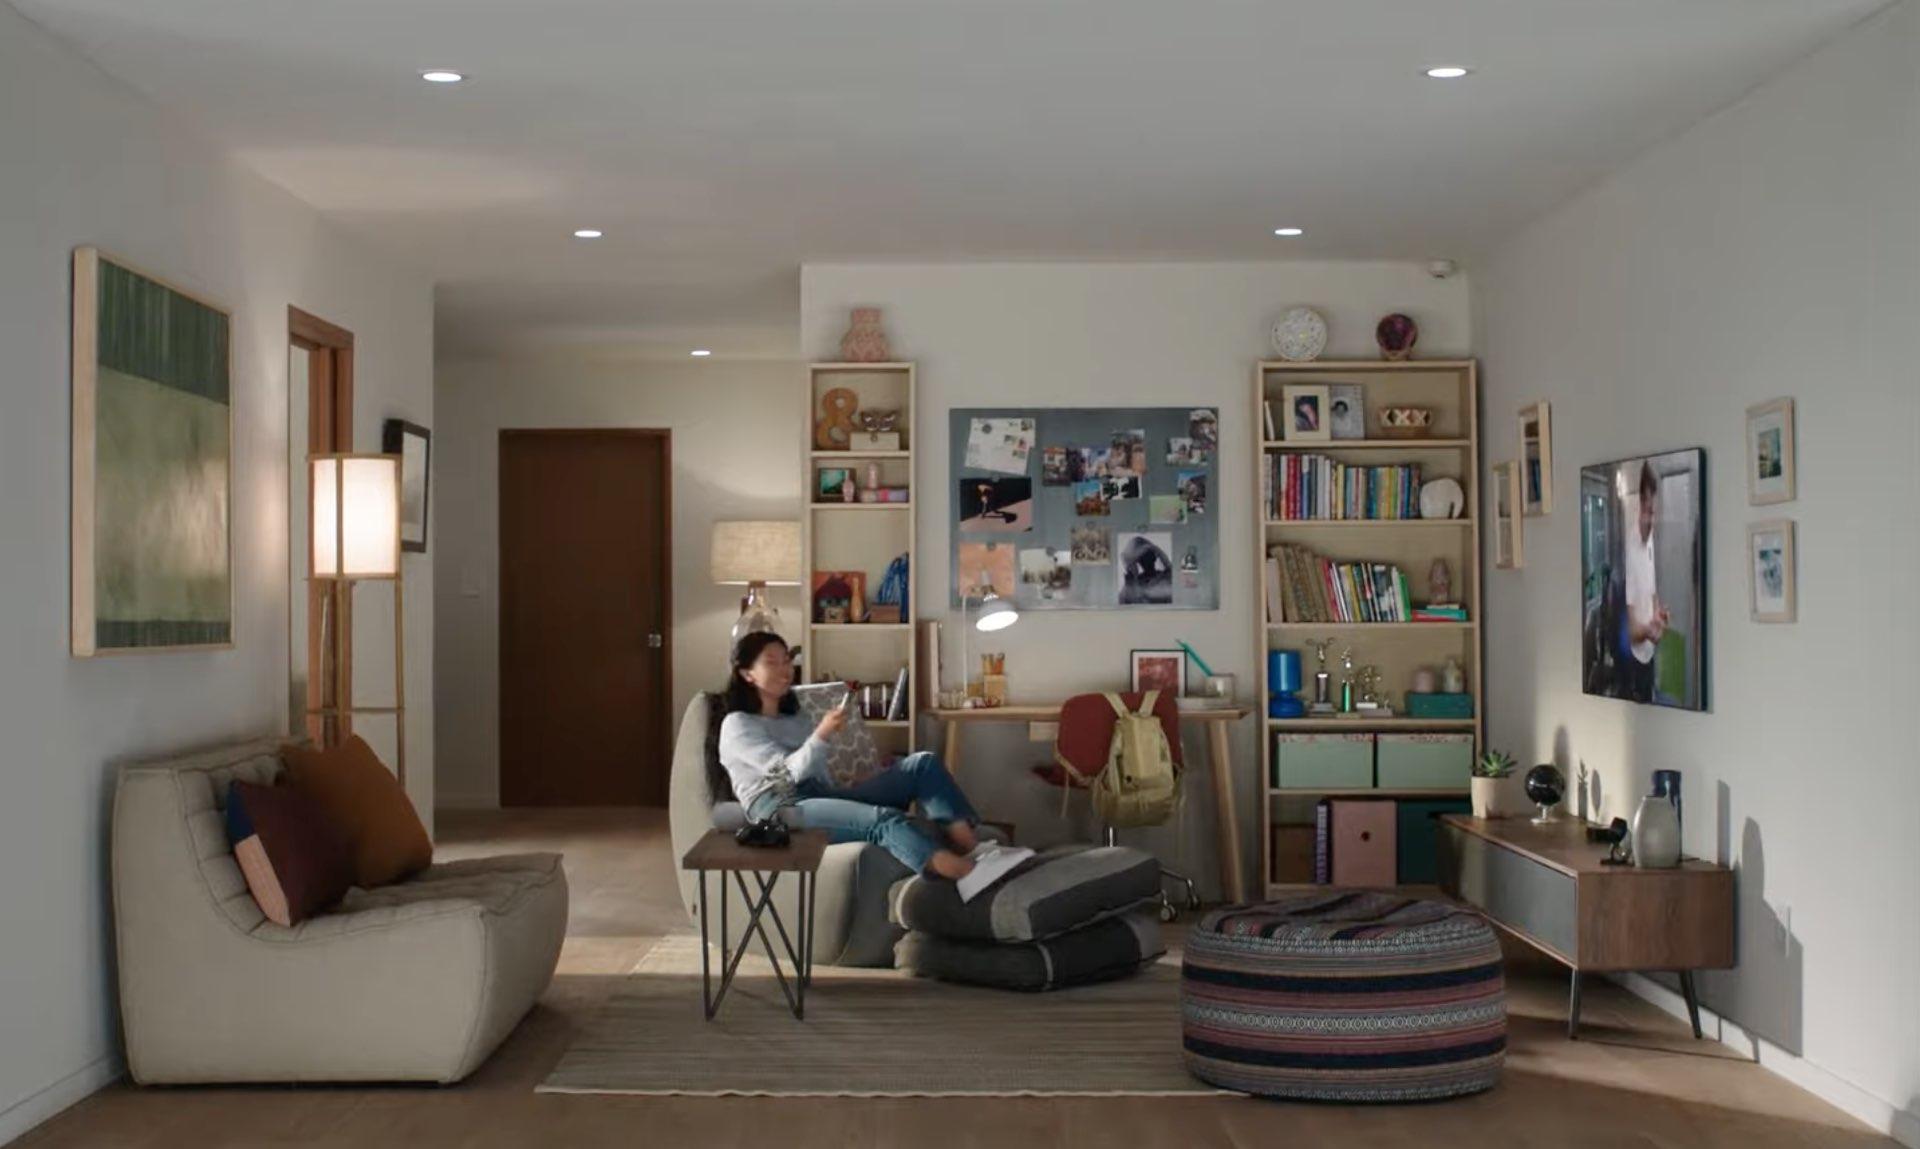 Une image de style de vie montrant une maison avec une jeune femme assise sur le canapé, souriante et regardant Apple TV et tenant Siri Remote dans sa main droite